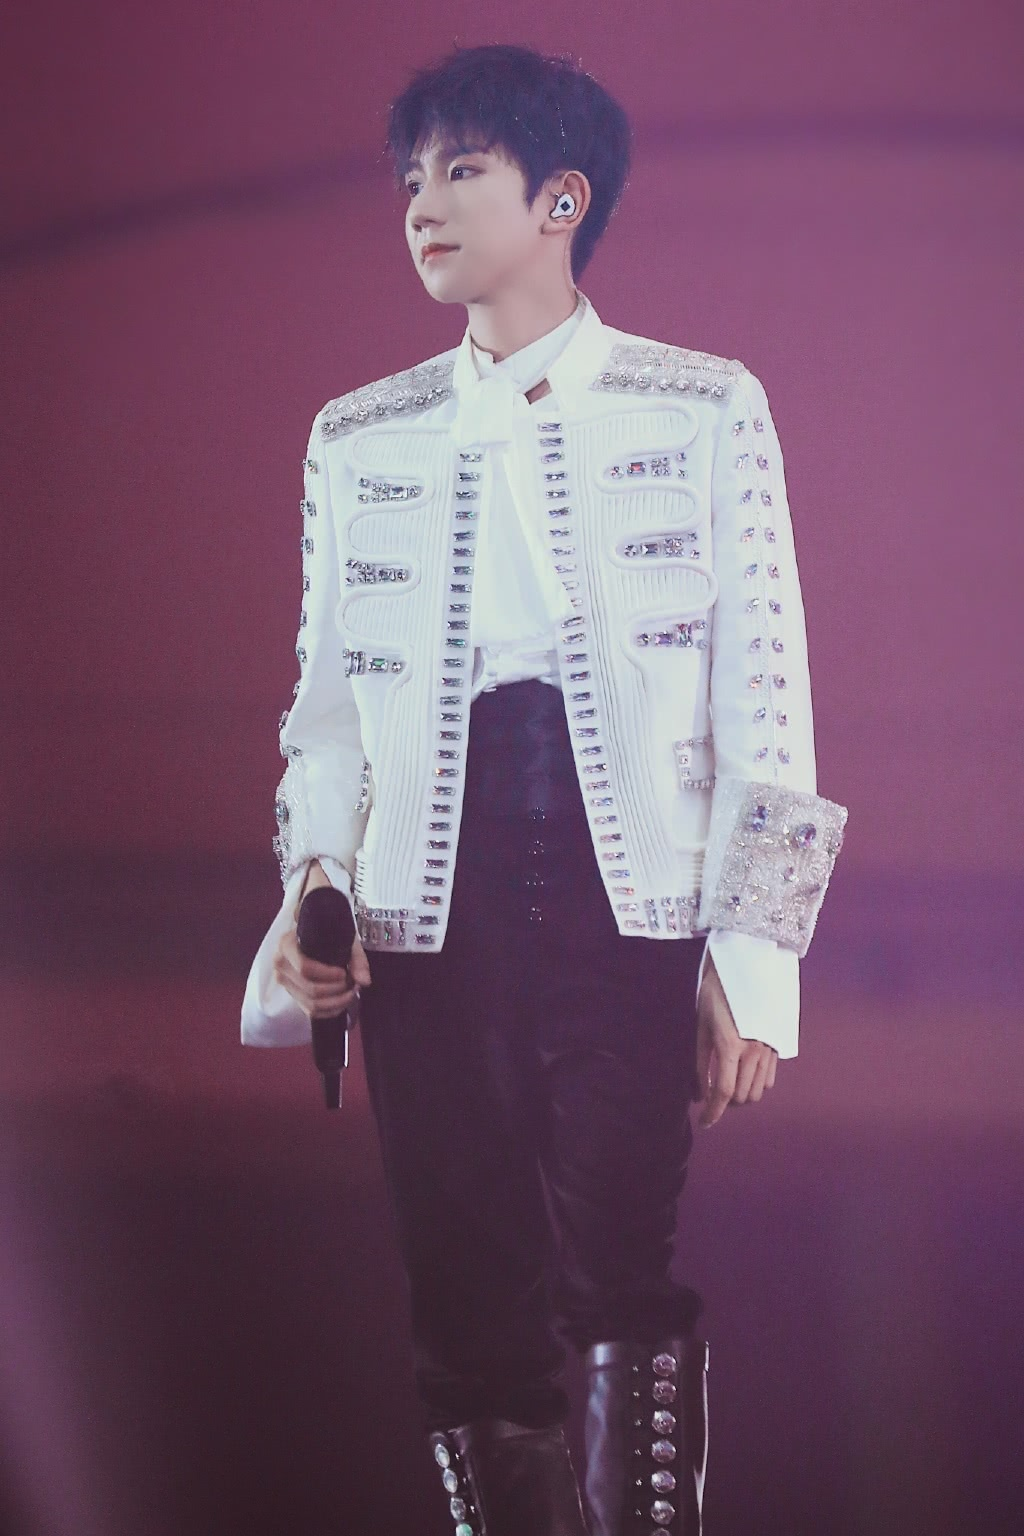 有种耍帅叫王源,看清他在舞台上怎么站,网友:还是挡不住的可爱